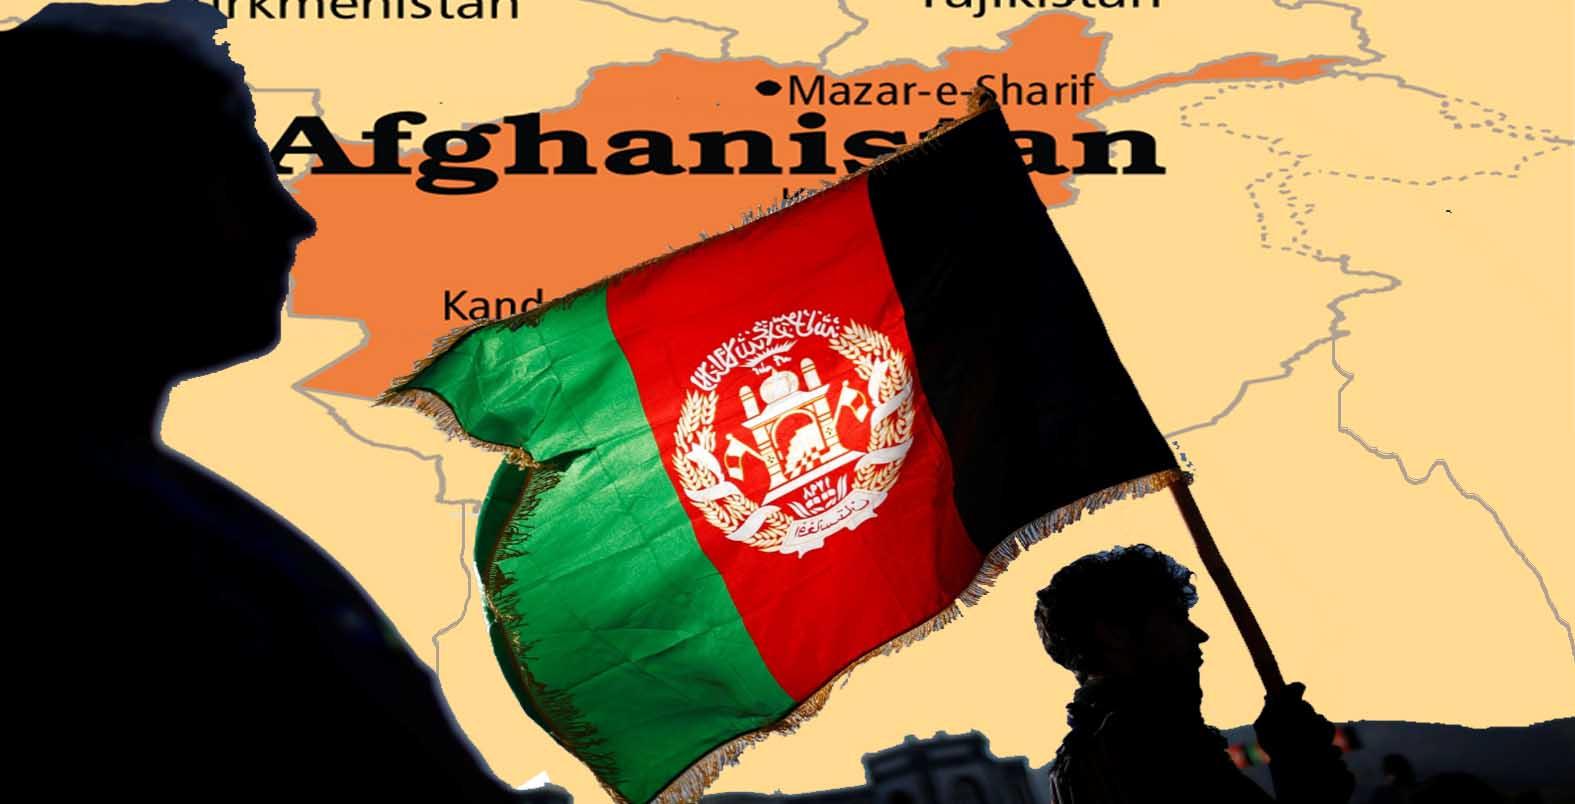 صلح - ورود دومین متحد بزرگ حکومت افغانستان به موضوع صلح